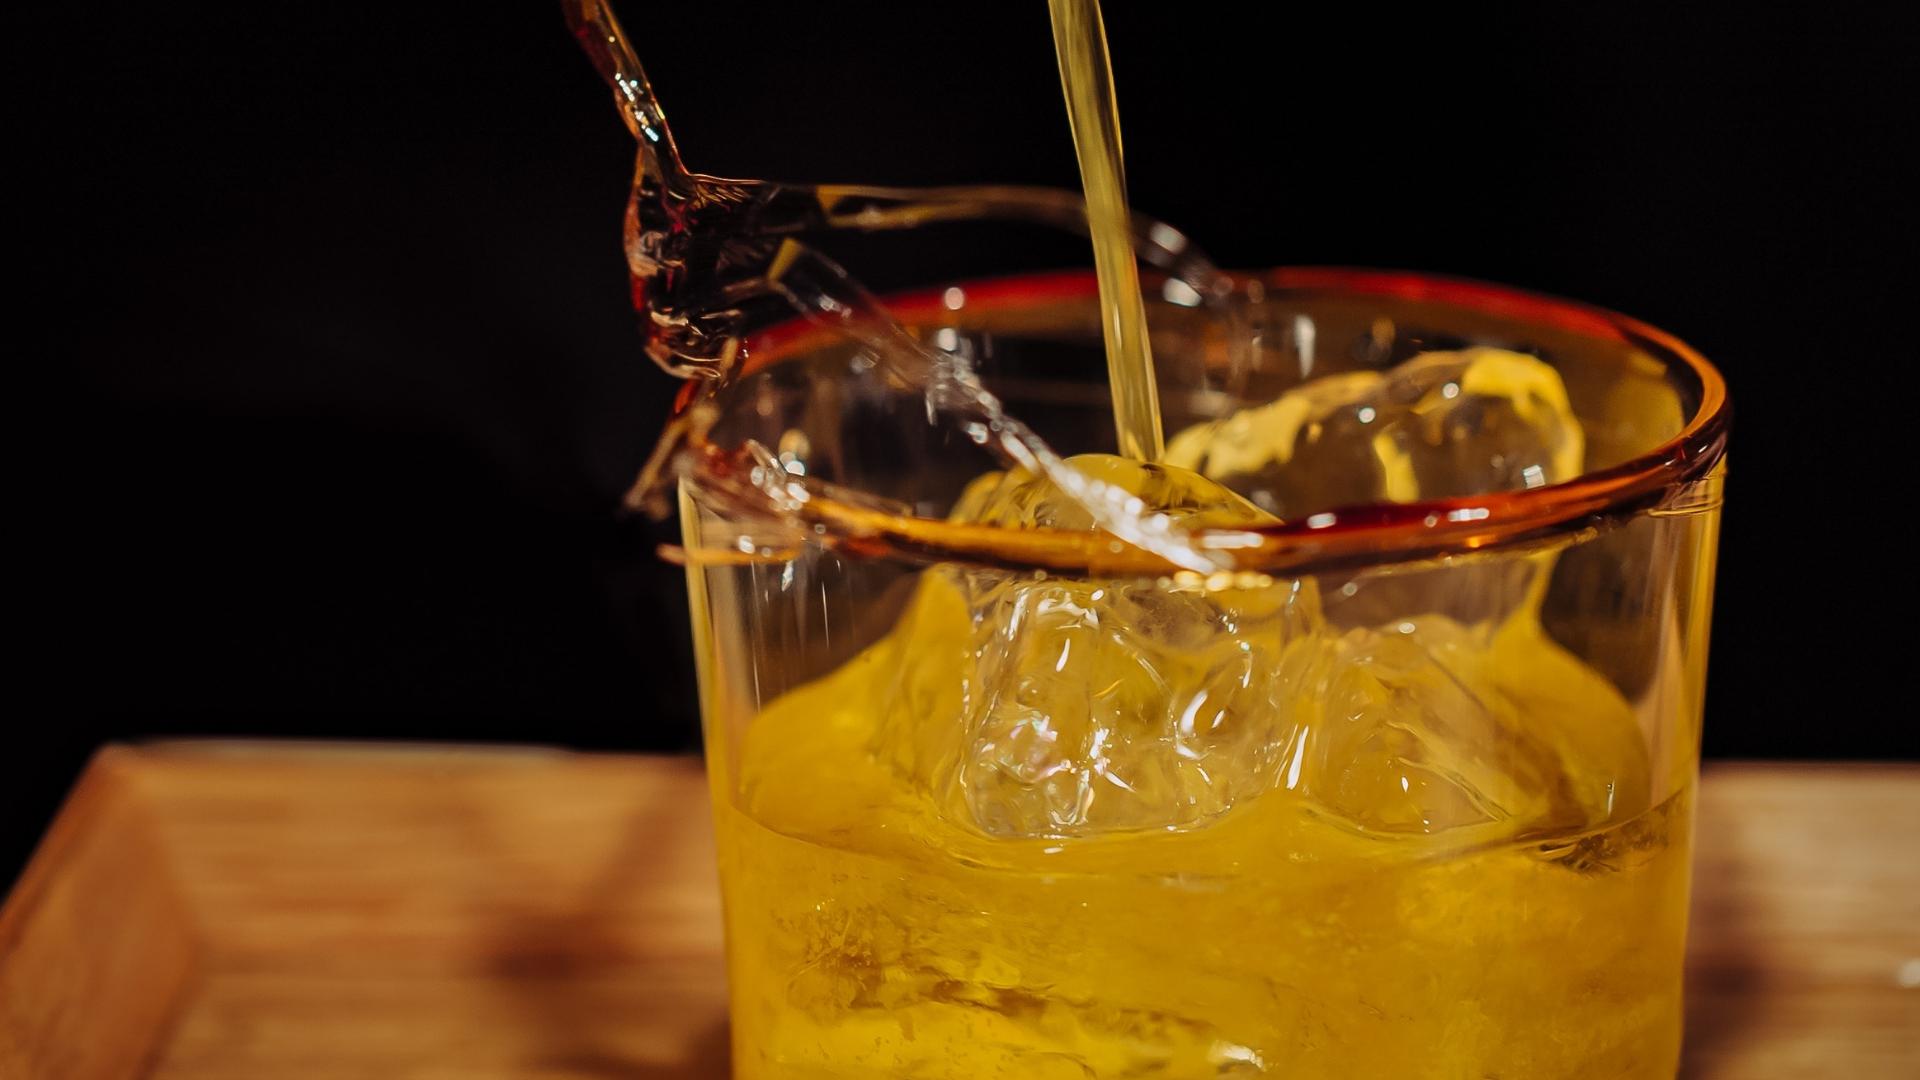 【shot bar(ショットバー)】武蔵小金井「ネバーランド」マニアックな洋酒の宝庫